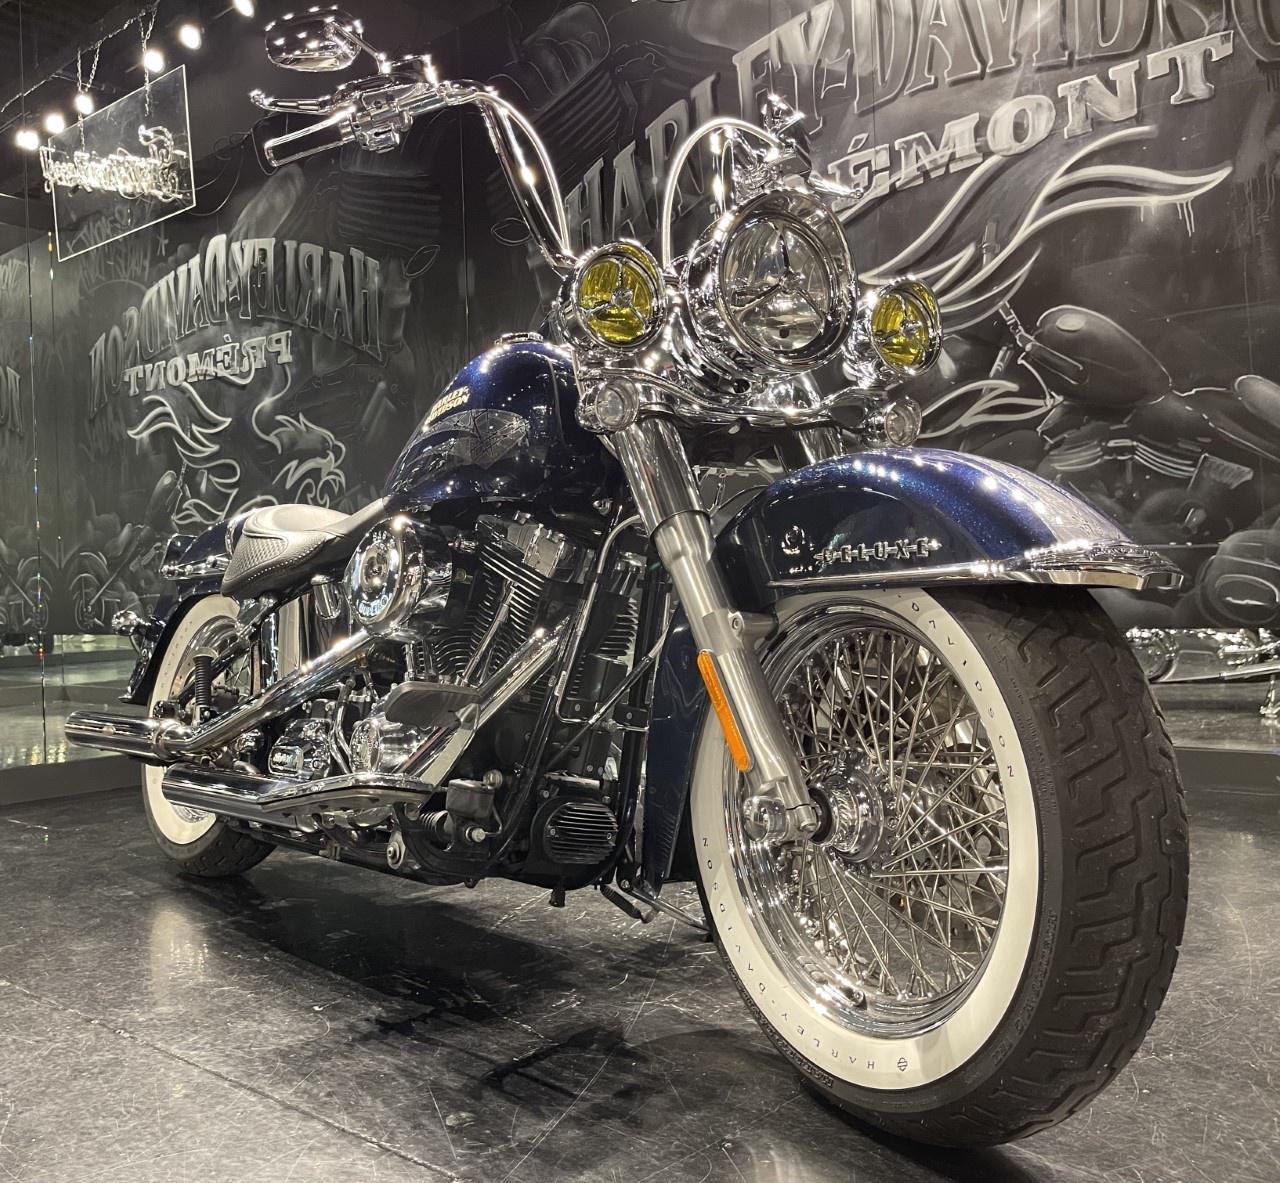 2016 Harley-Davidson FLSTN SOFTAIL DELUXE